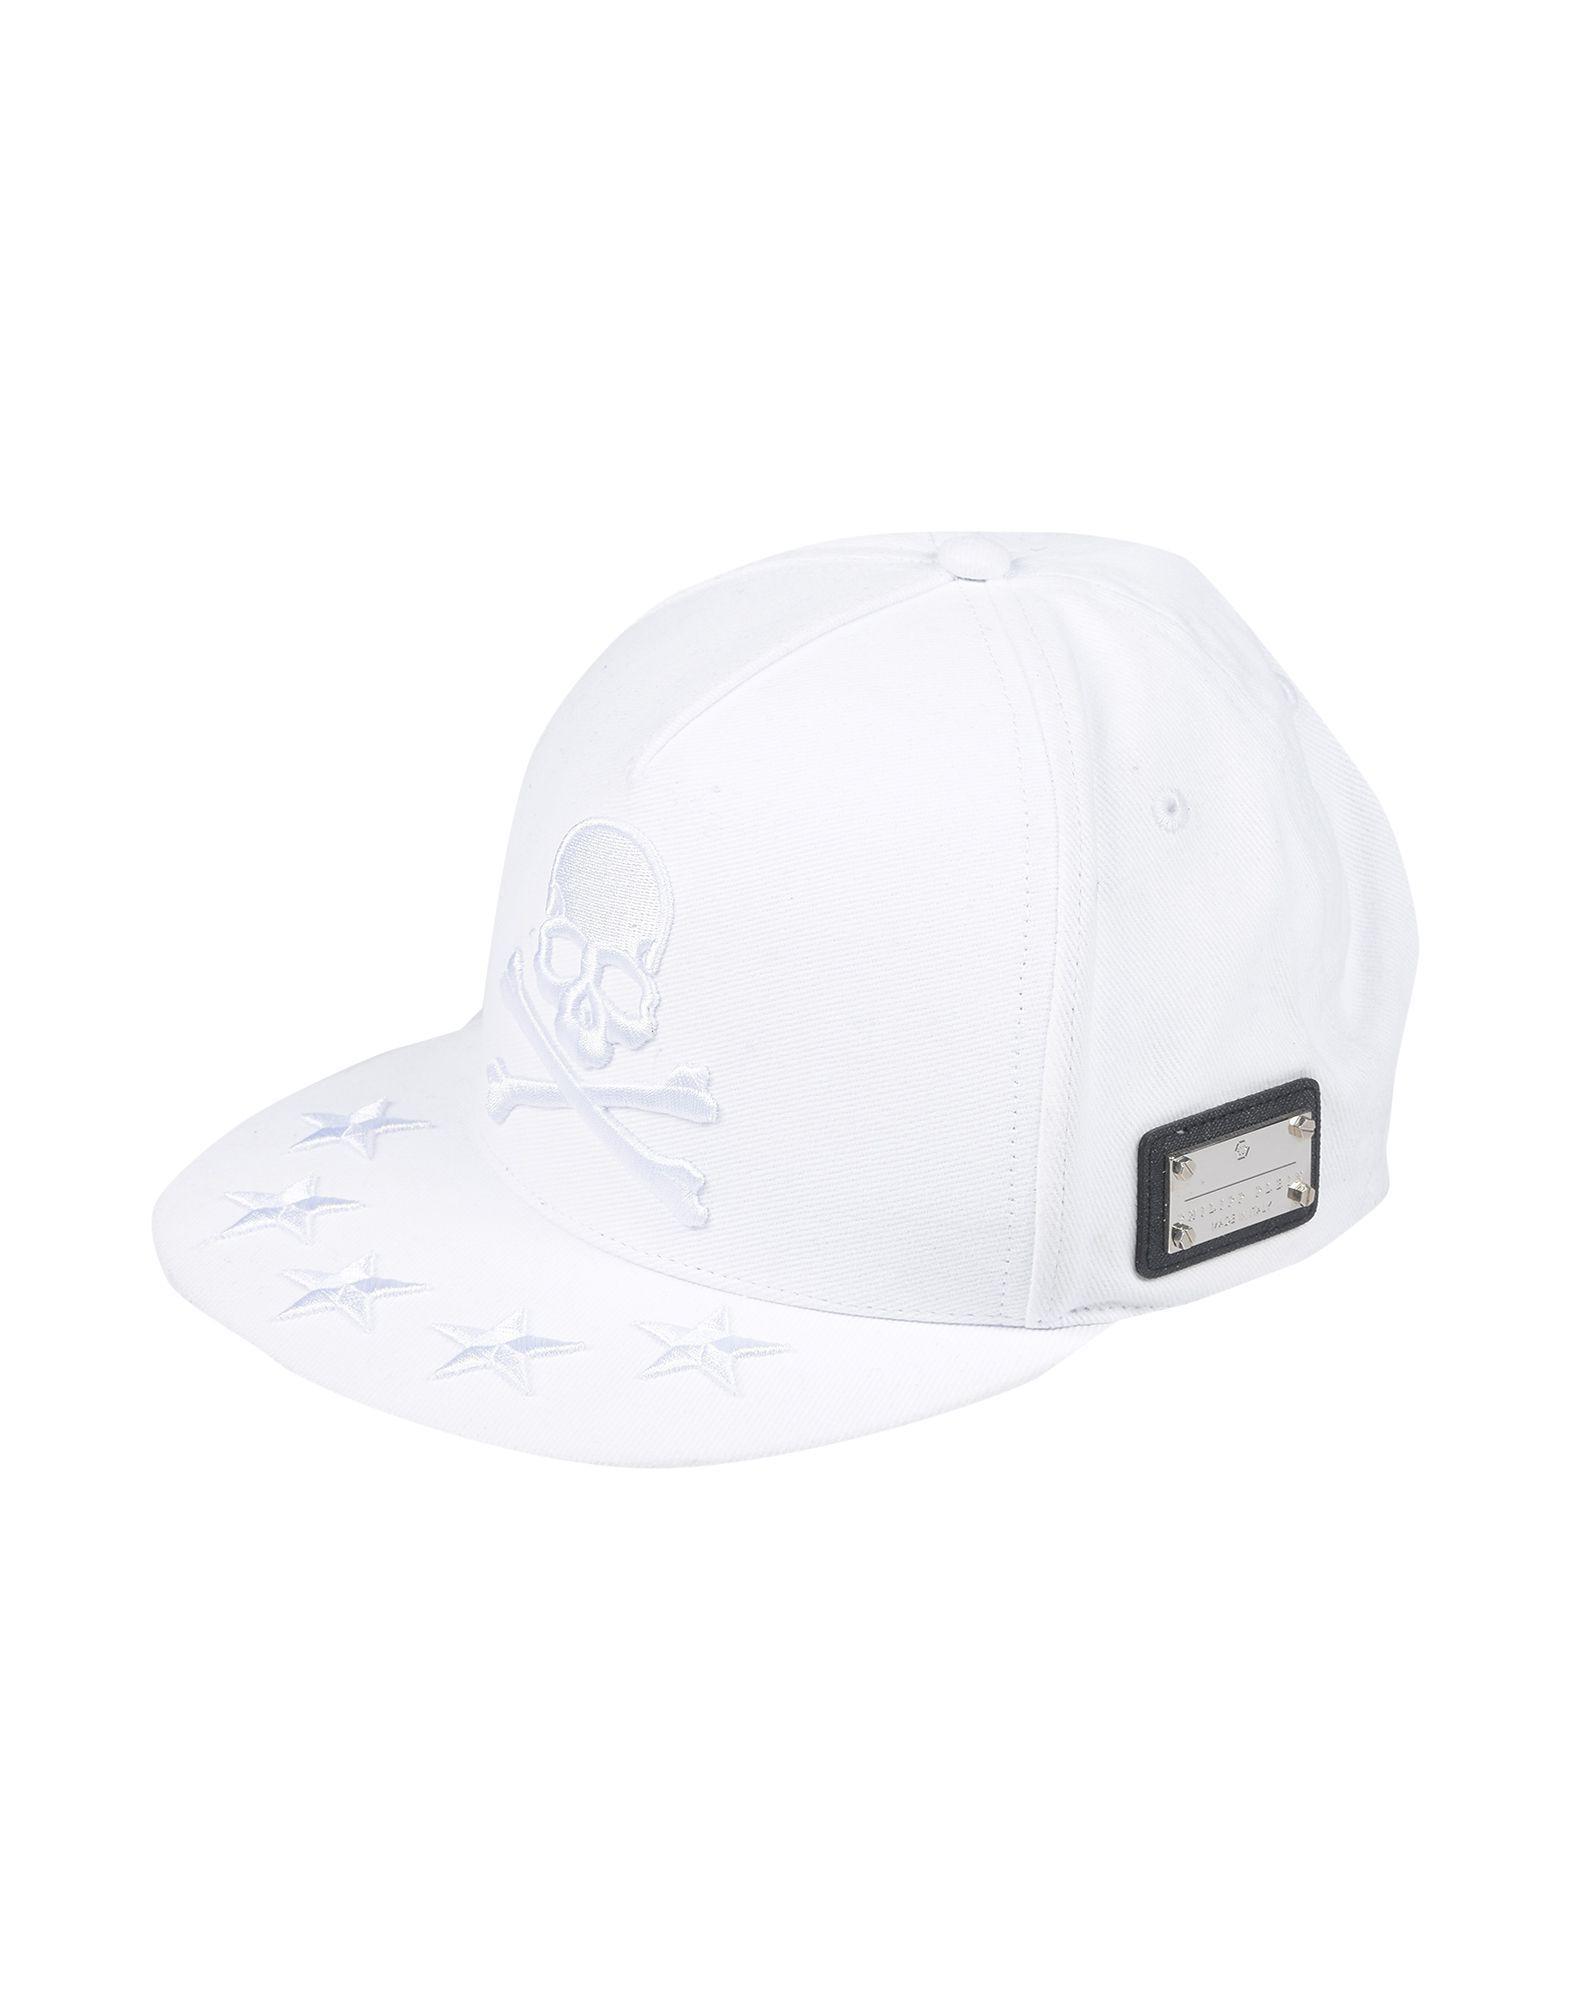 307b026589b PHILIPP PLEIN HATS.  philippplein